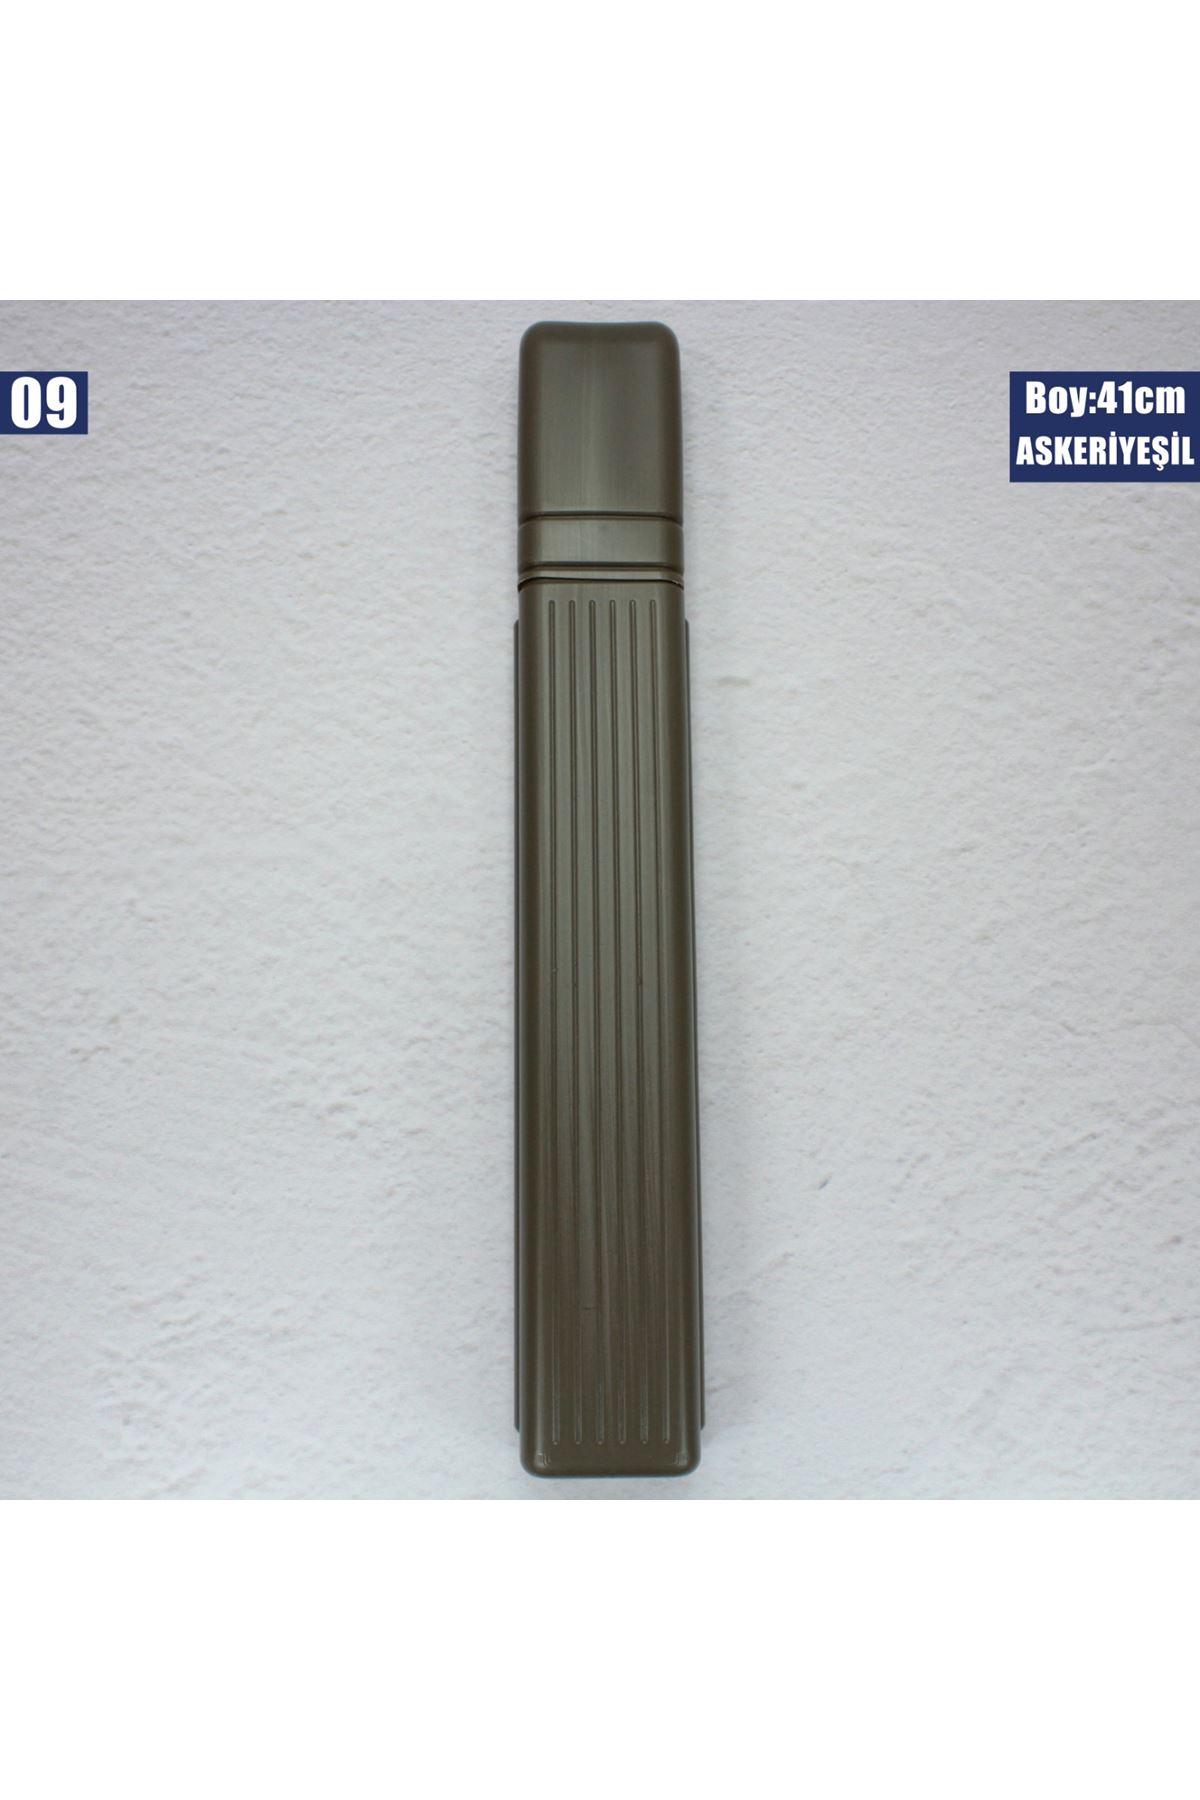 Şiş Kutusu - 09